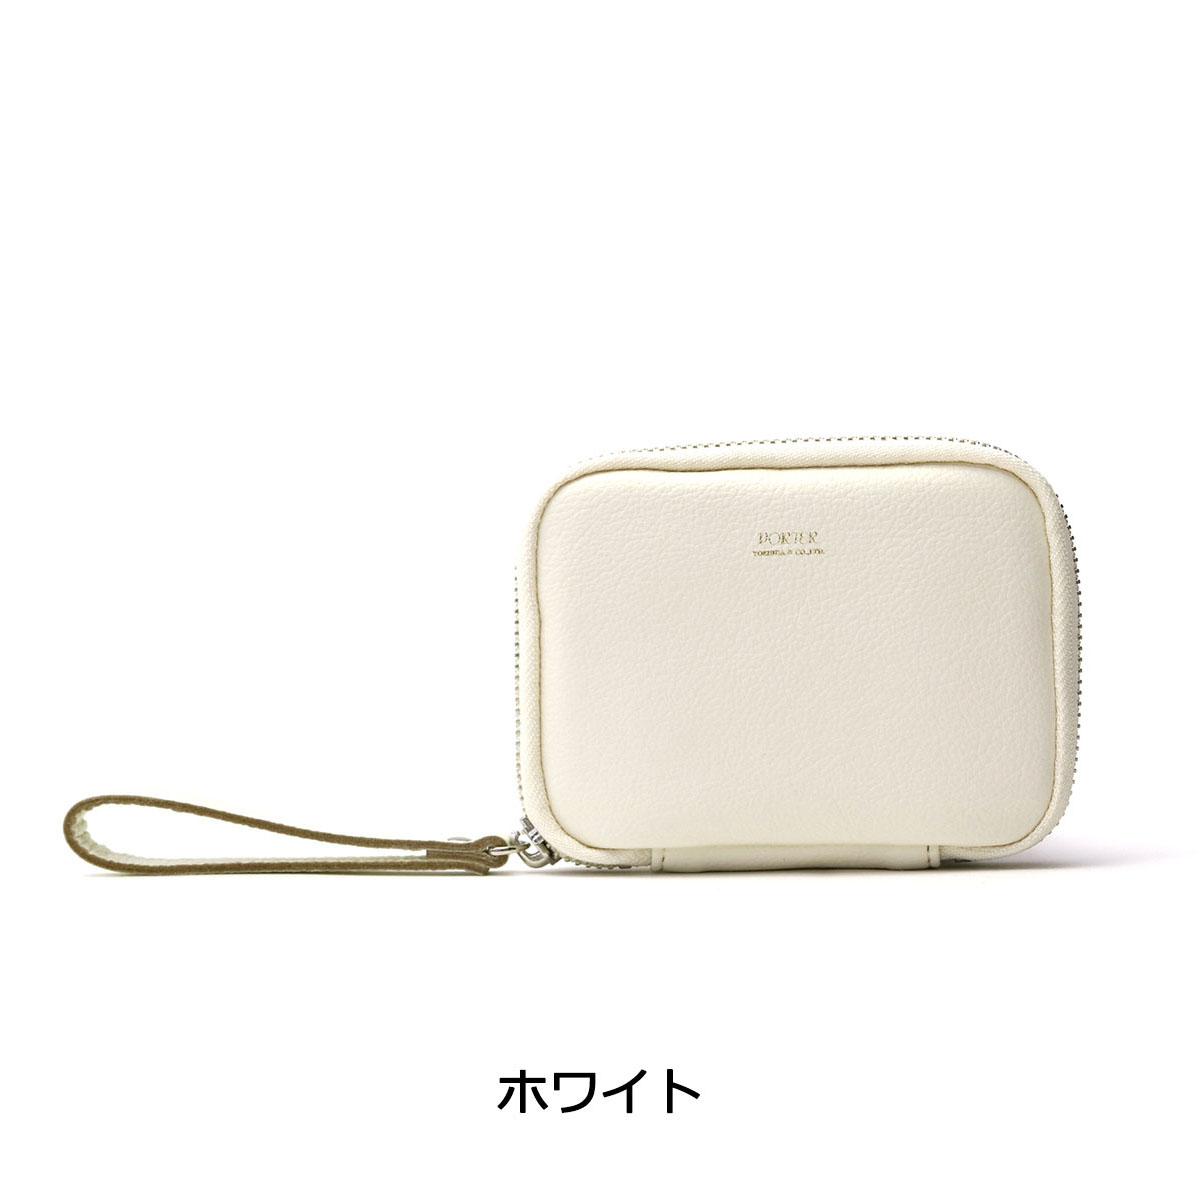 bea9d2e54127 ESSENTIAL DESIGNS × PORTER Mini Purse Round Zipper Wallet MINI WALLET Almighty  Series Coin Case Porter Yoshida Bag E181805